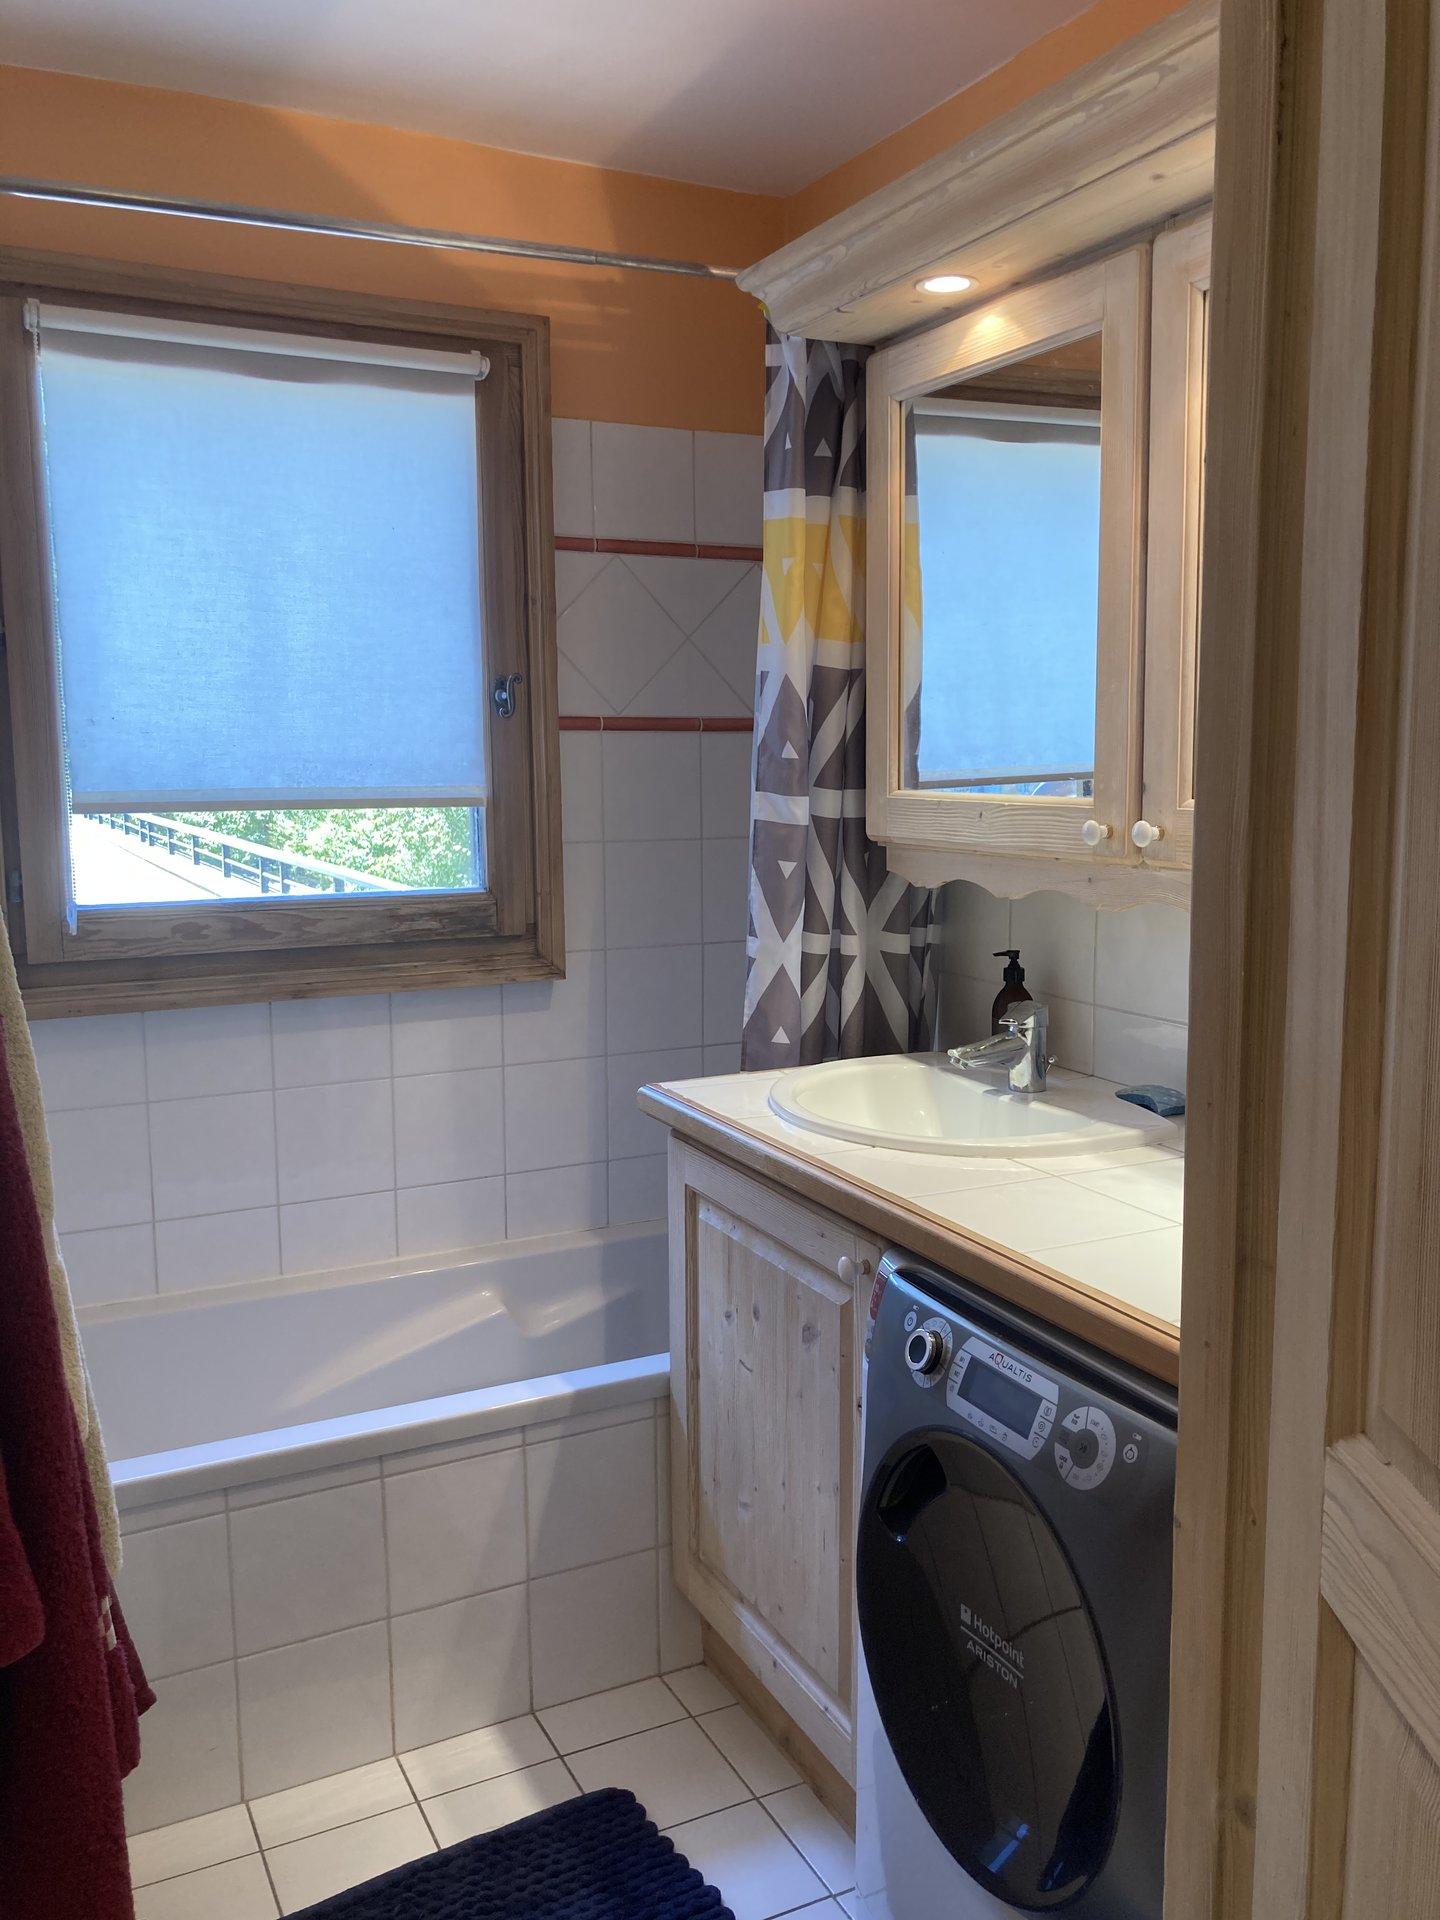 Appartamento con 3 camere da letto  - Les Houches Bellevue